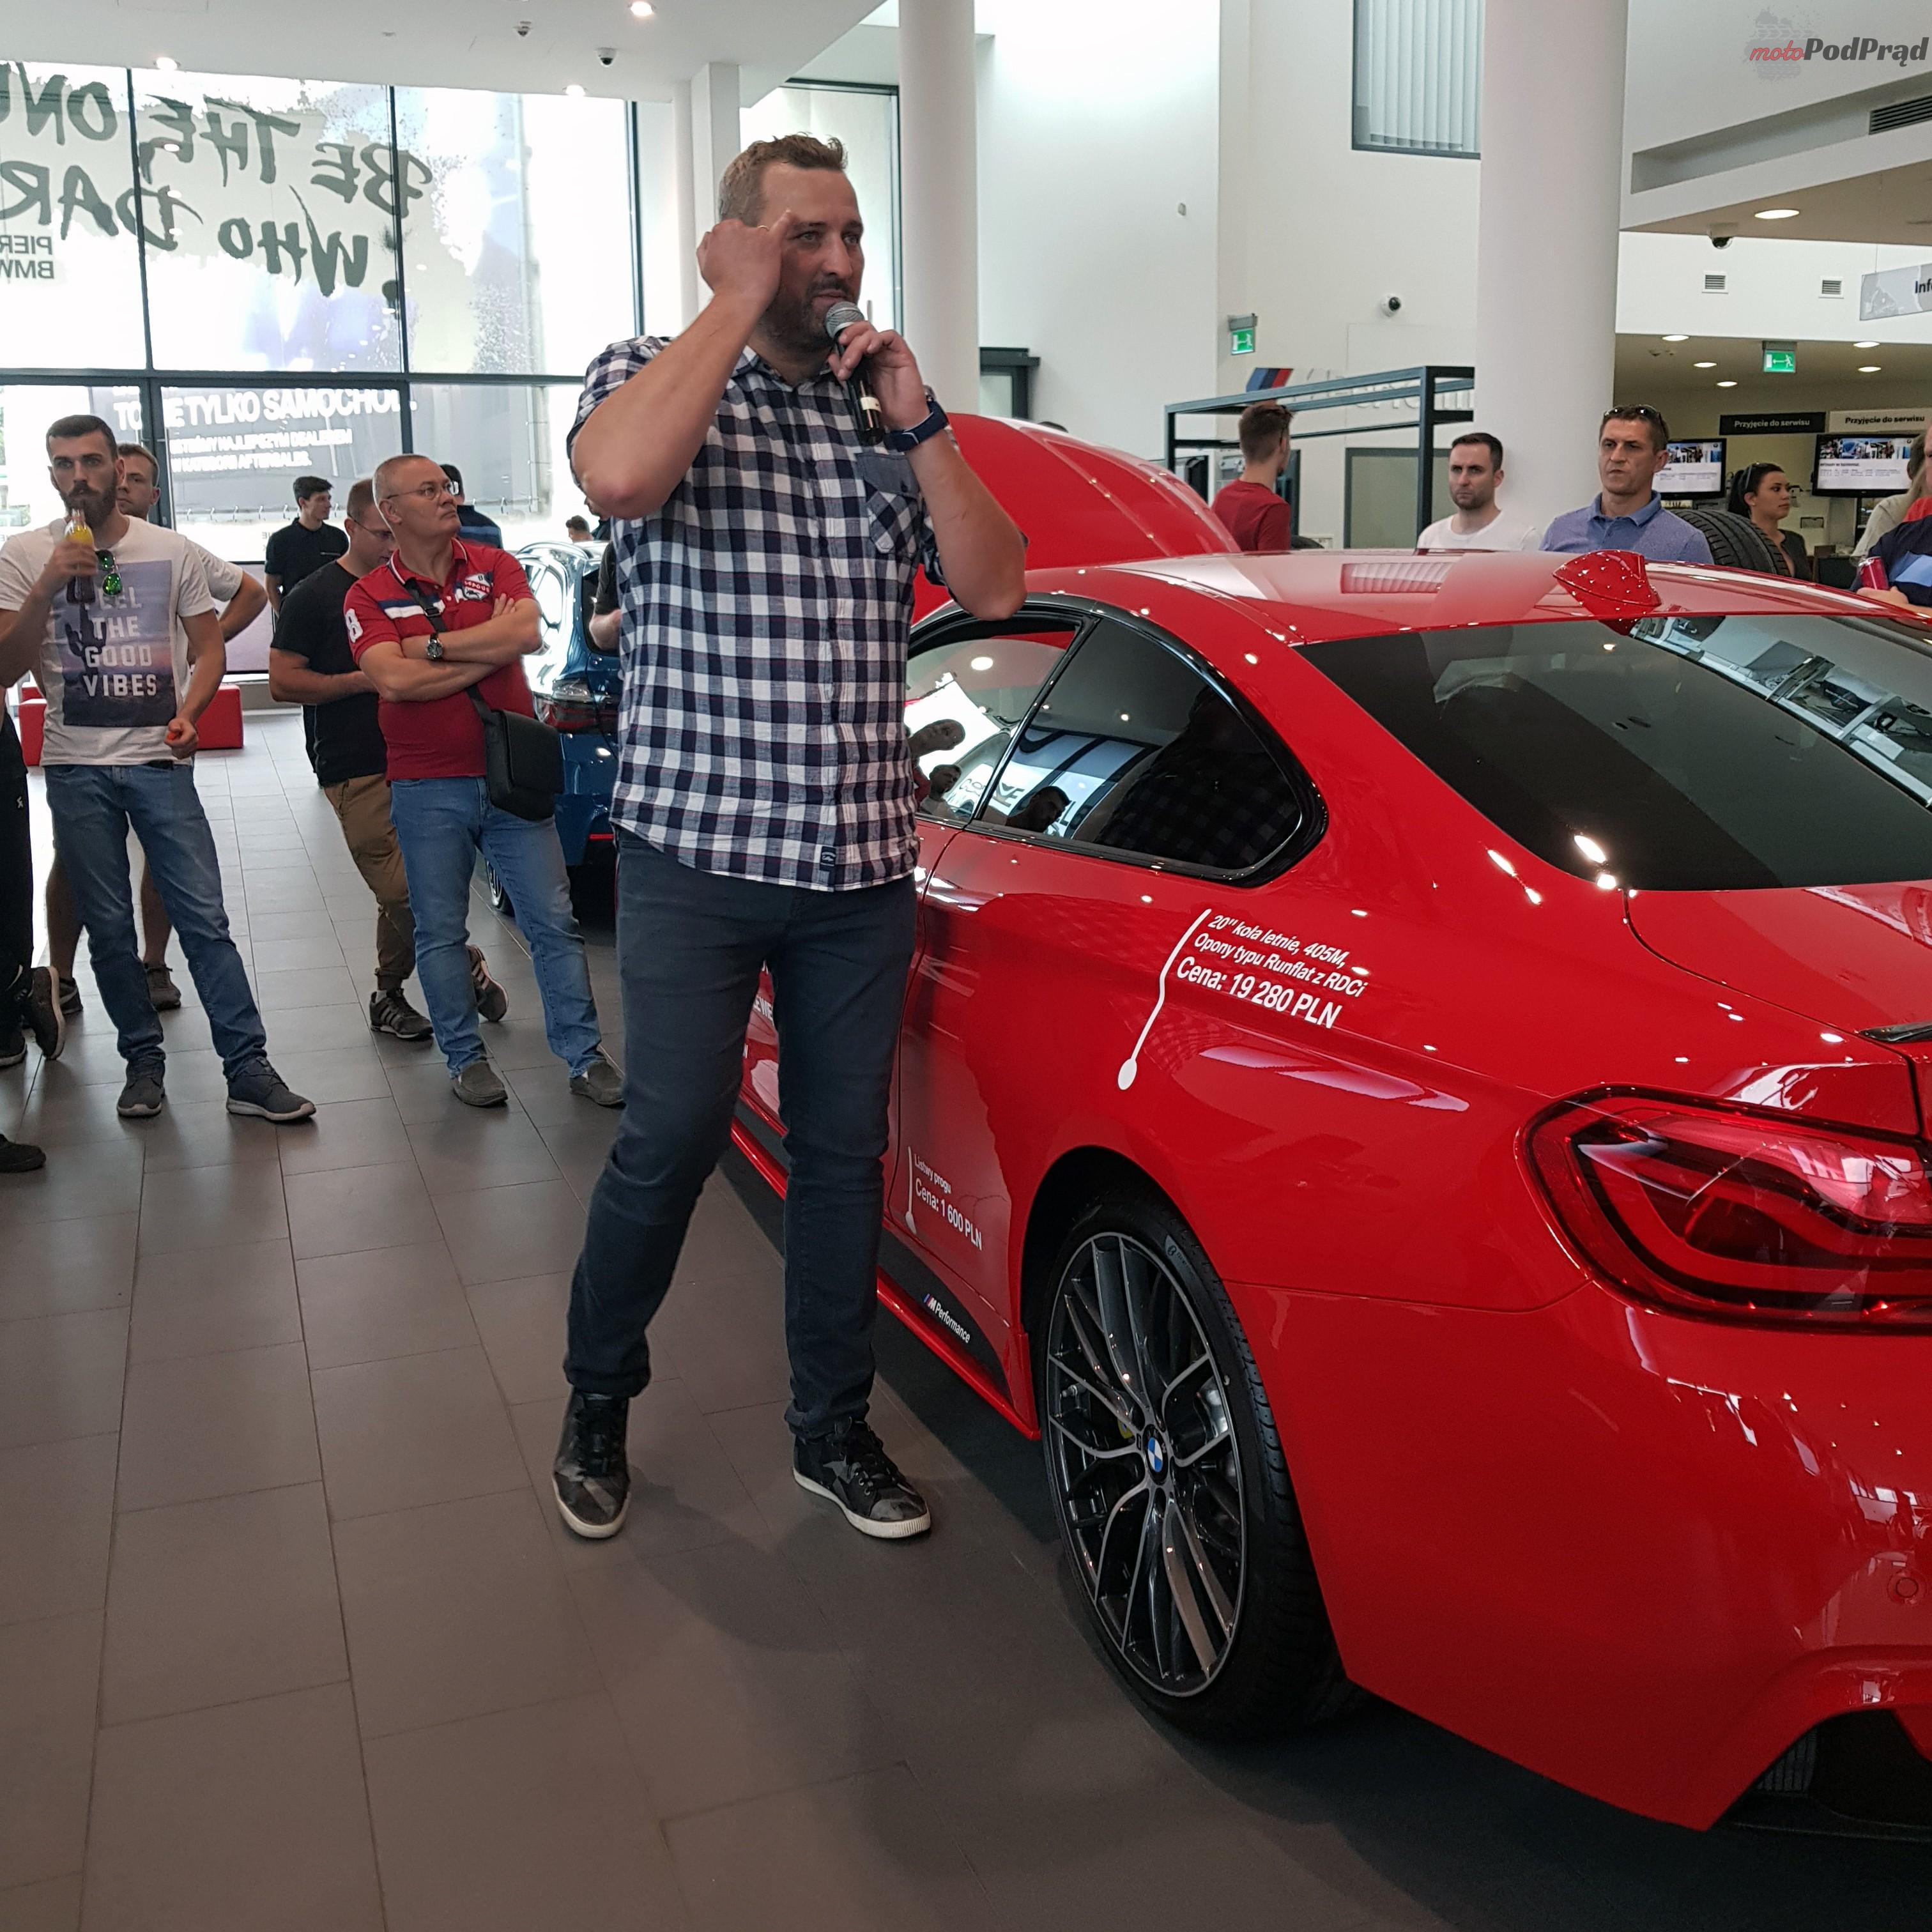 3 Otwarcie M Performance Roadshow w BMW Inchcape Wrocław